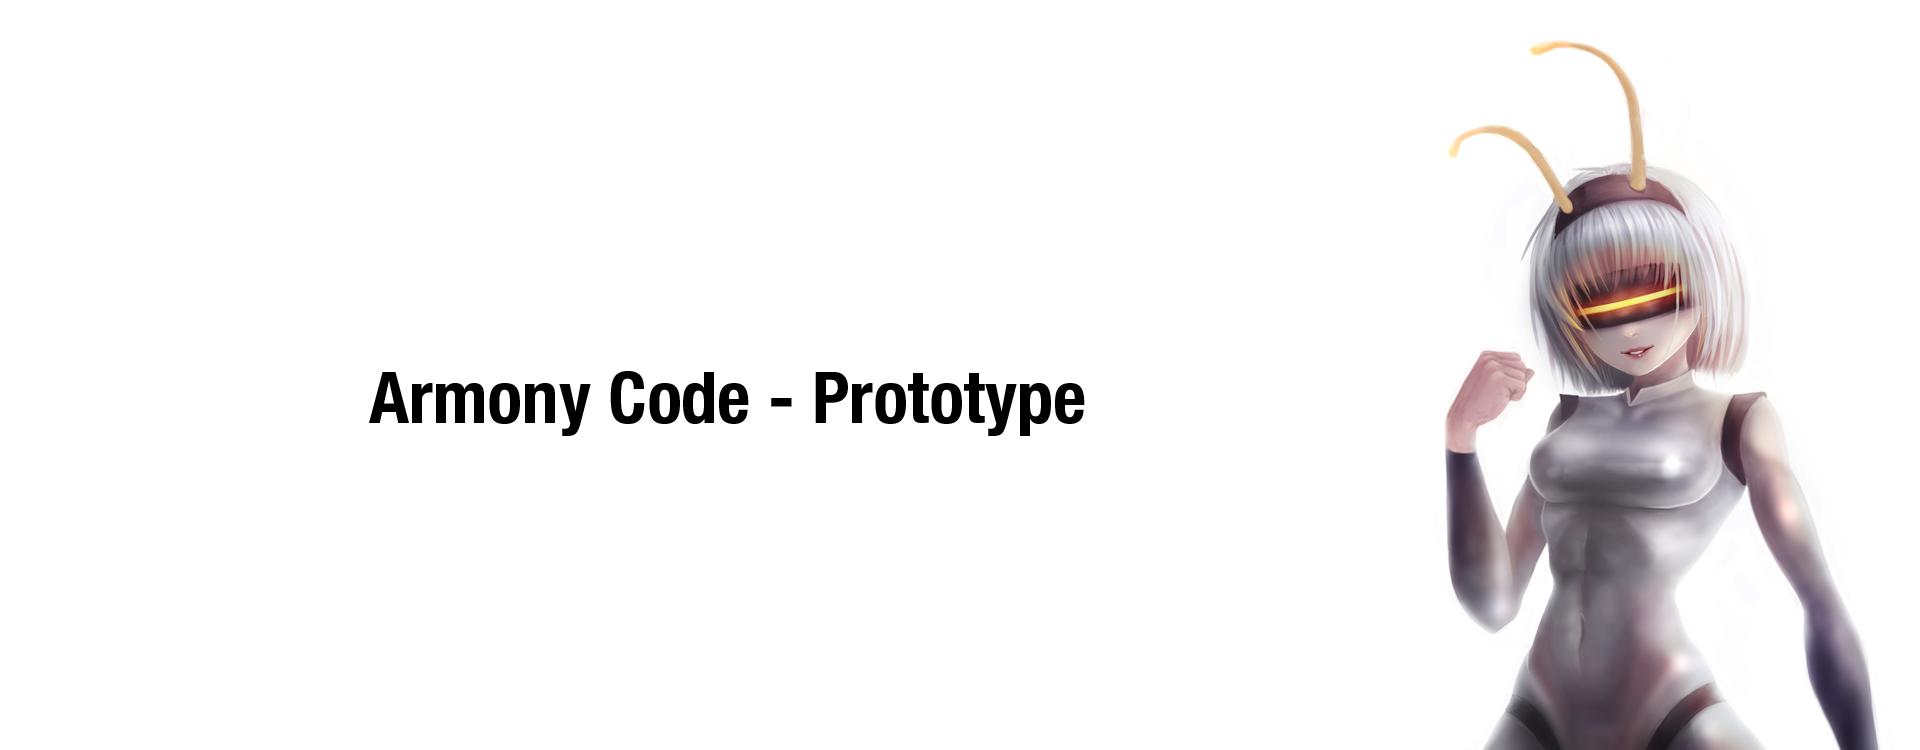 Armony Code